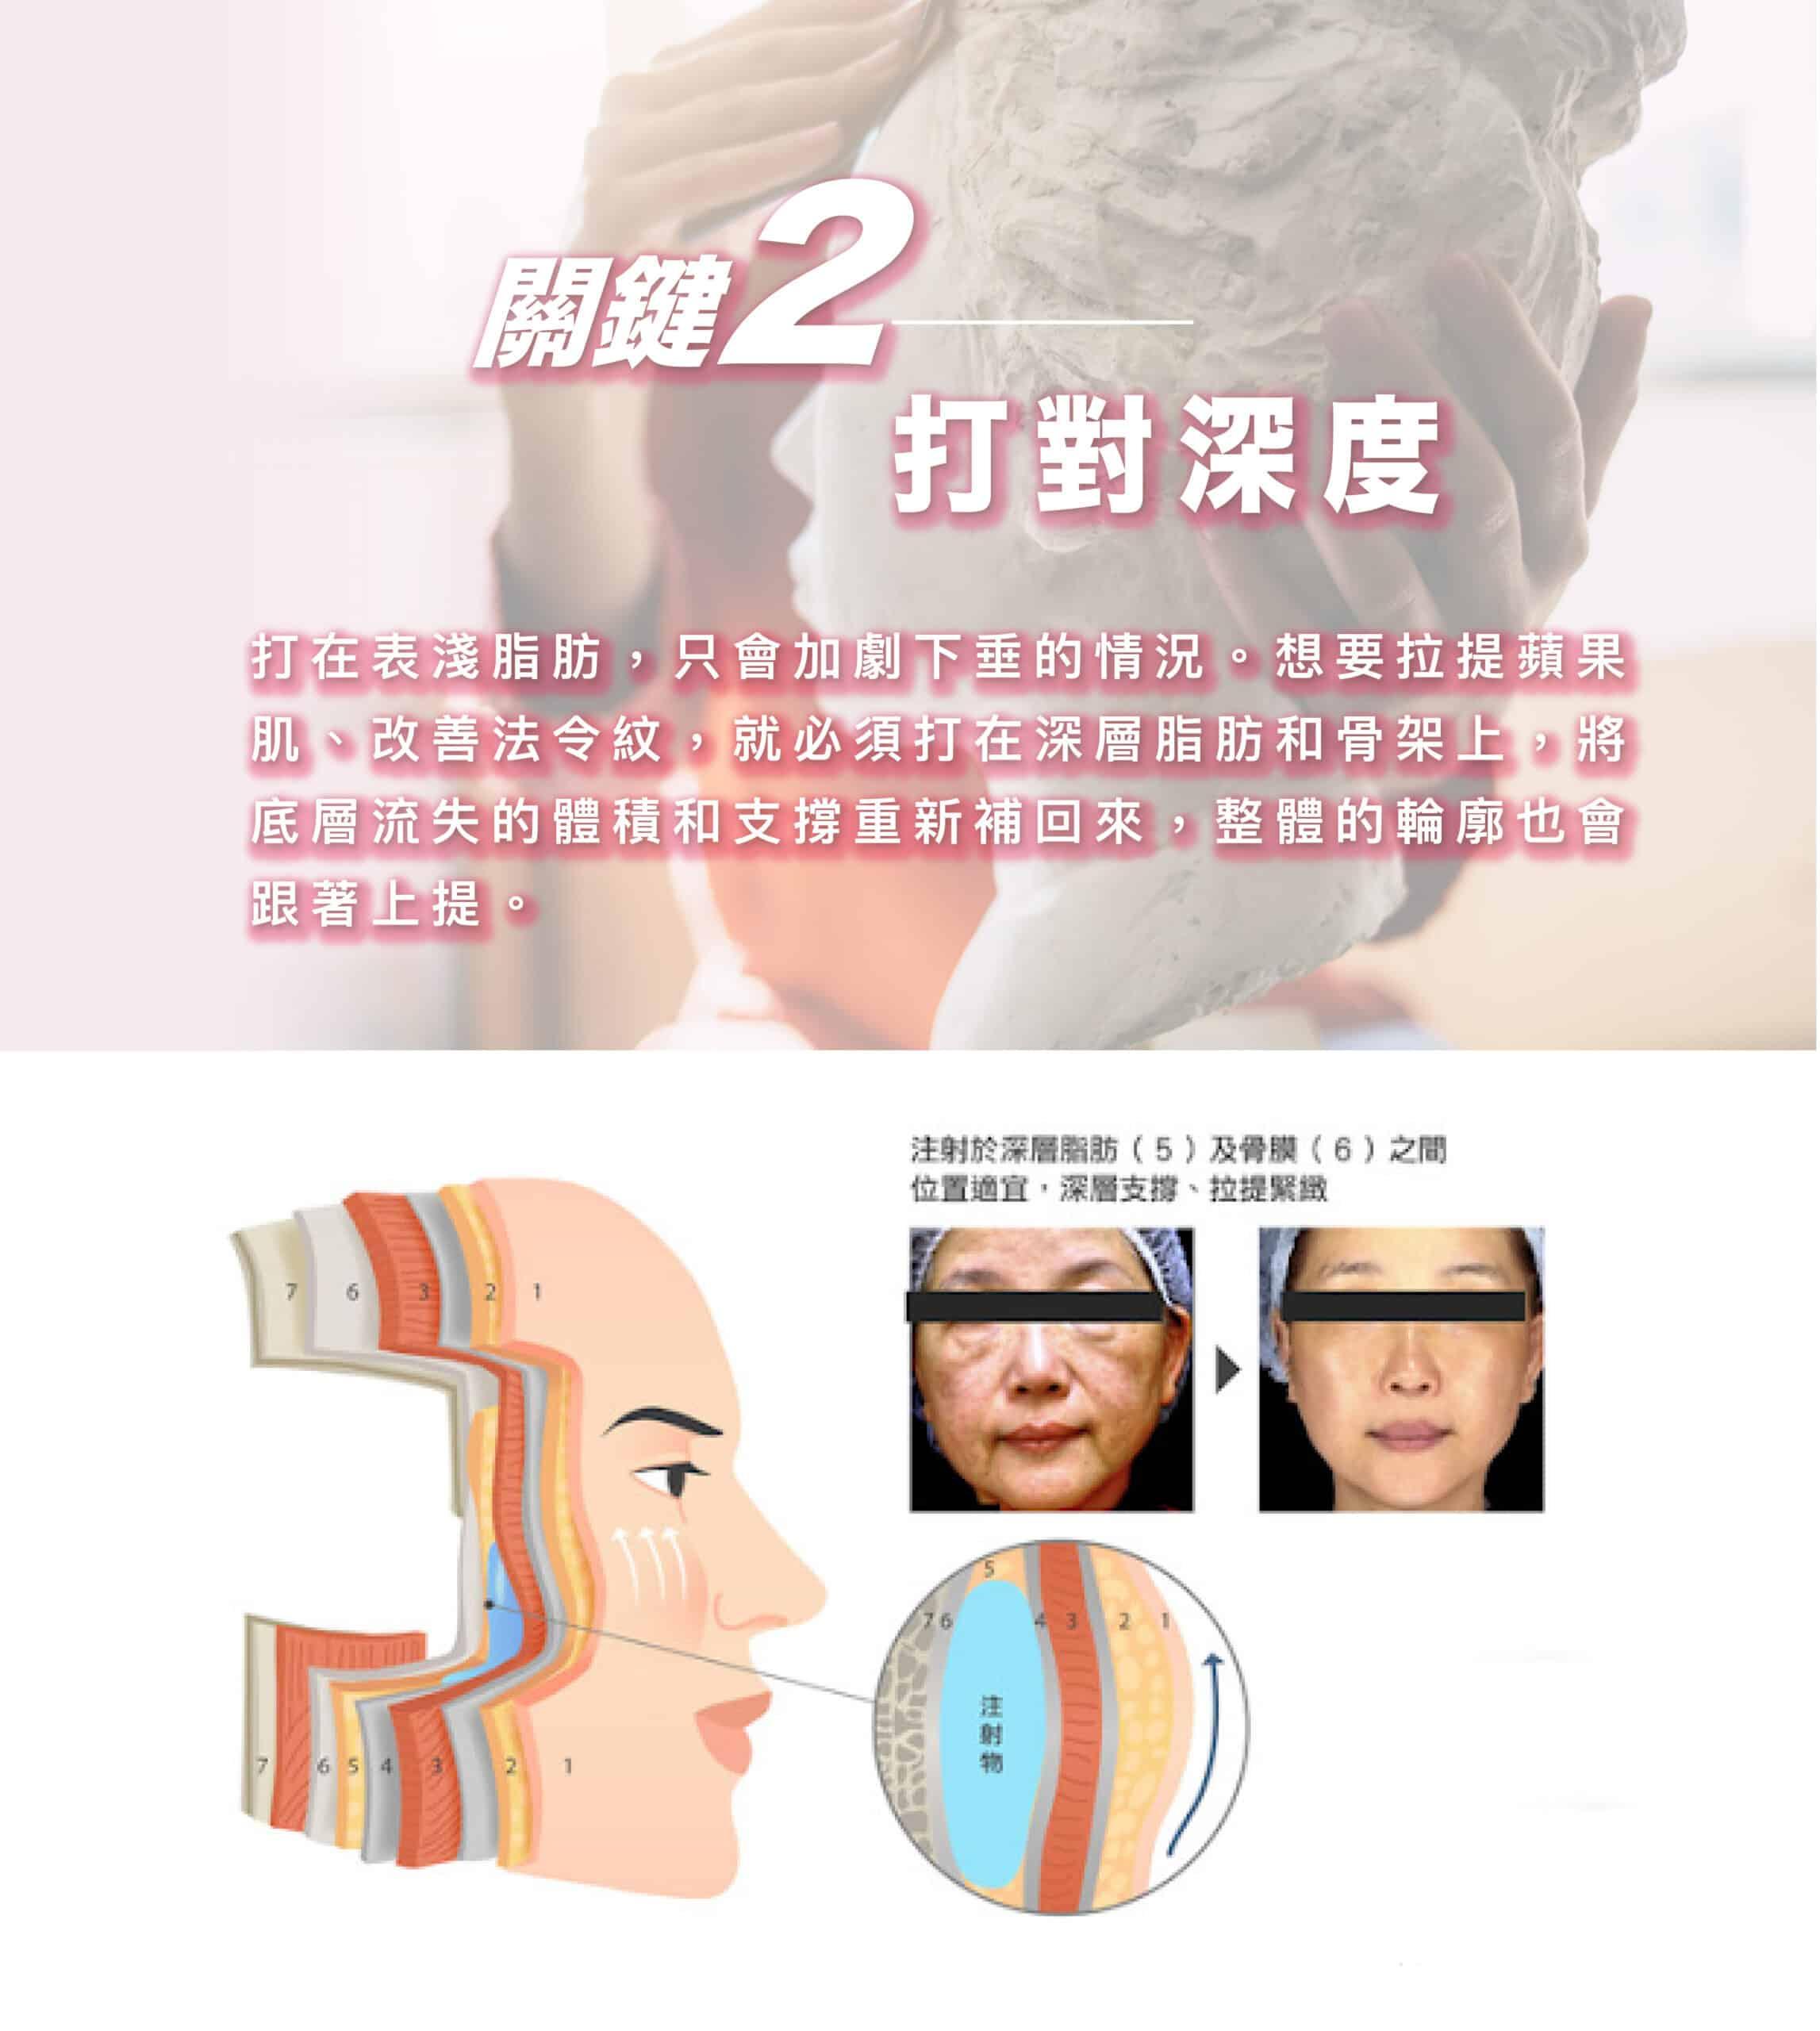 法令紋 法令紋 07 scaled